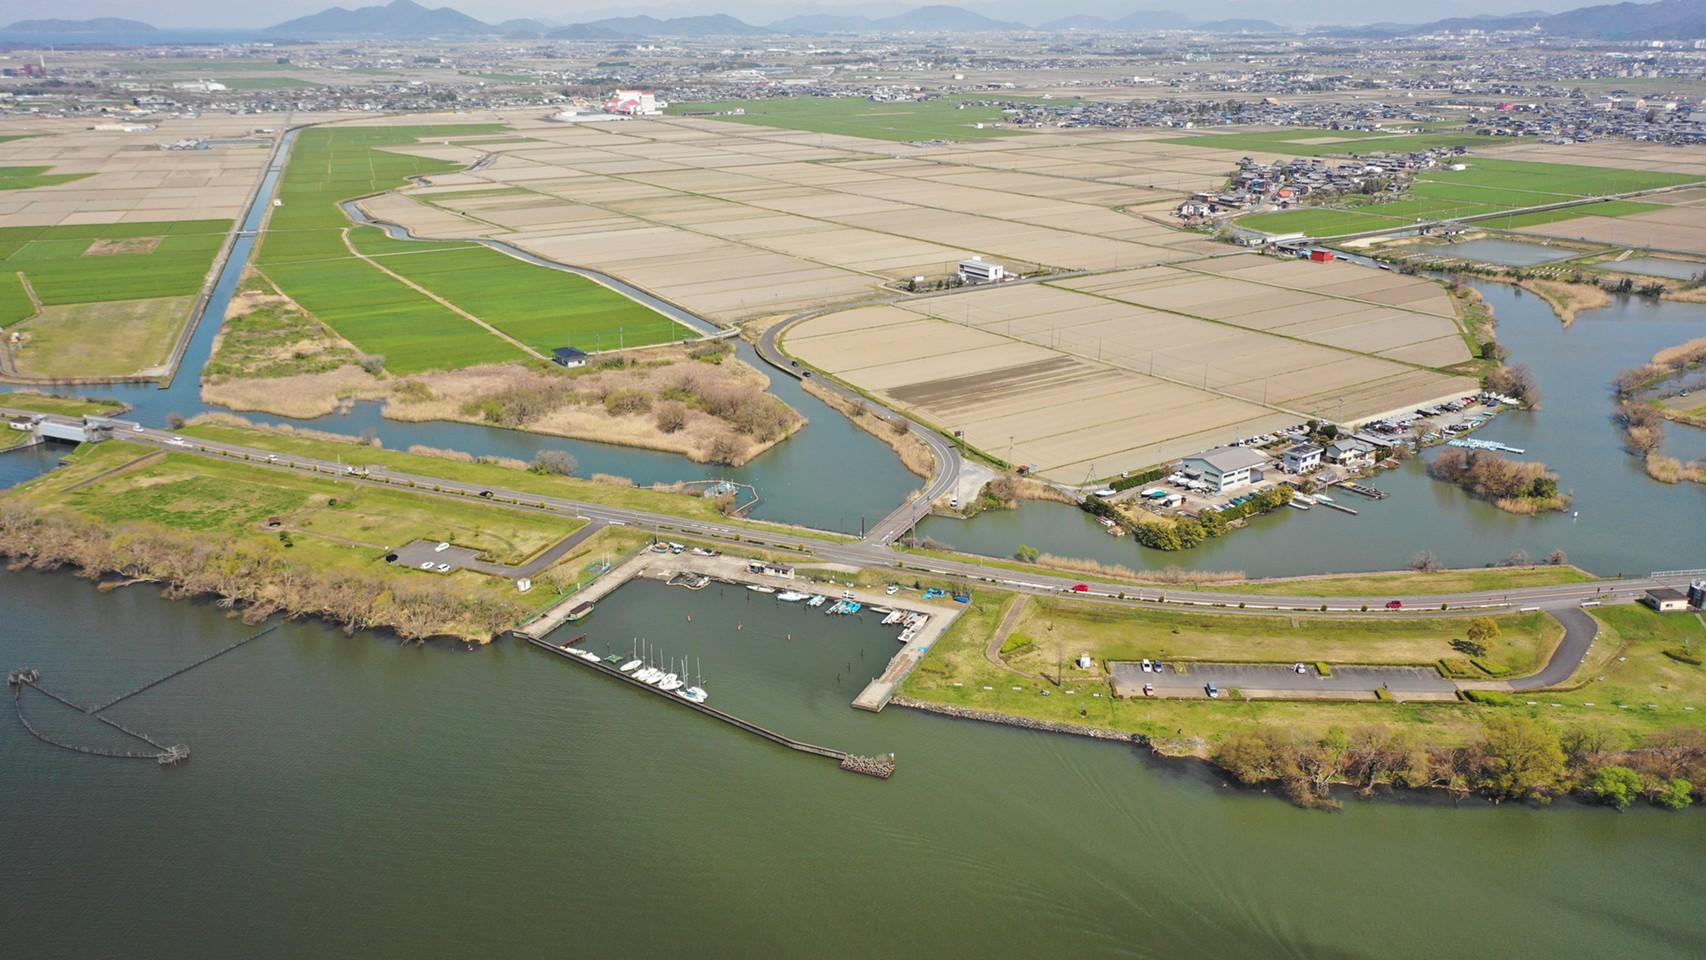 【守山市】『湖岸緑地 赤野井-3(南側)』のアウトドア情報